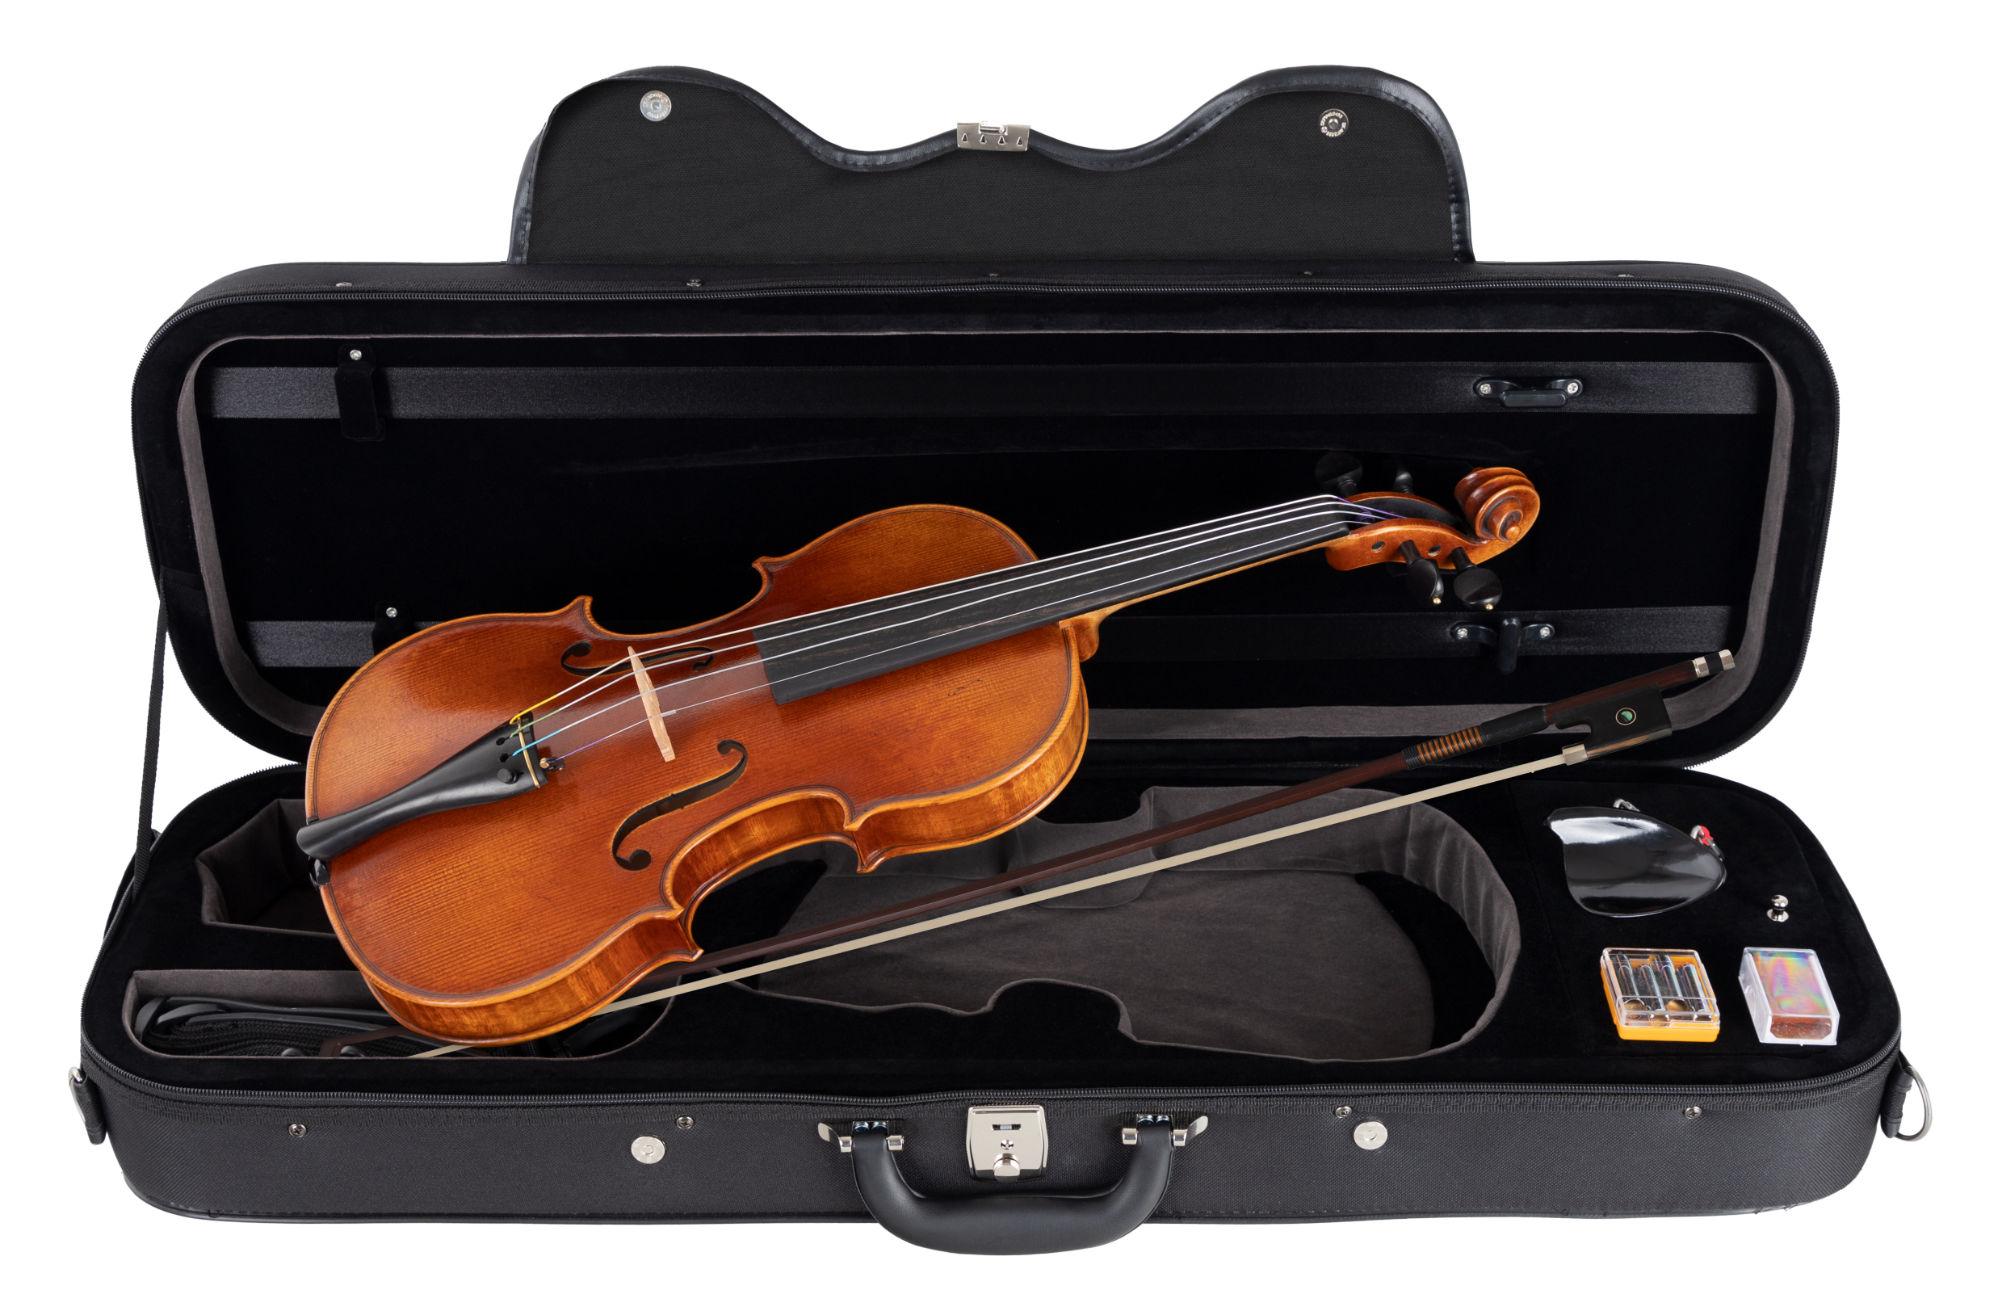 Violinen - Höfner H115 AS V Stradivari 4|4 Violinset - Onlineshop Musikhaus Kirstein